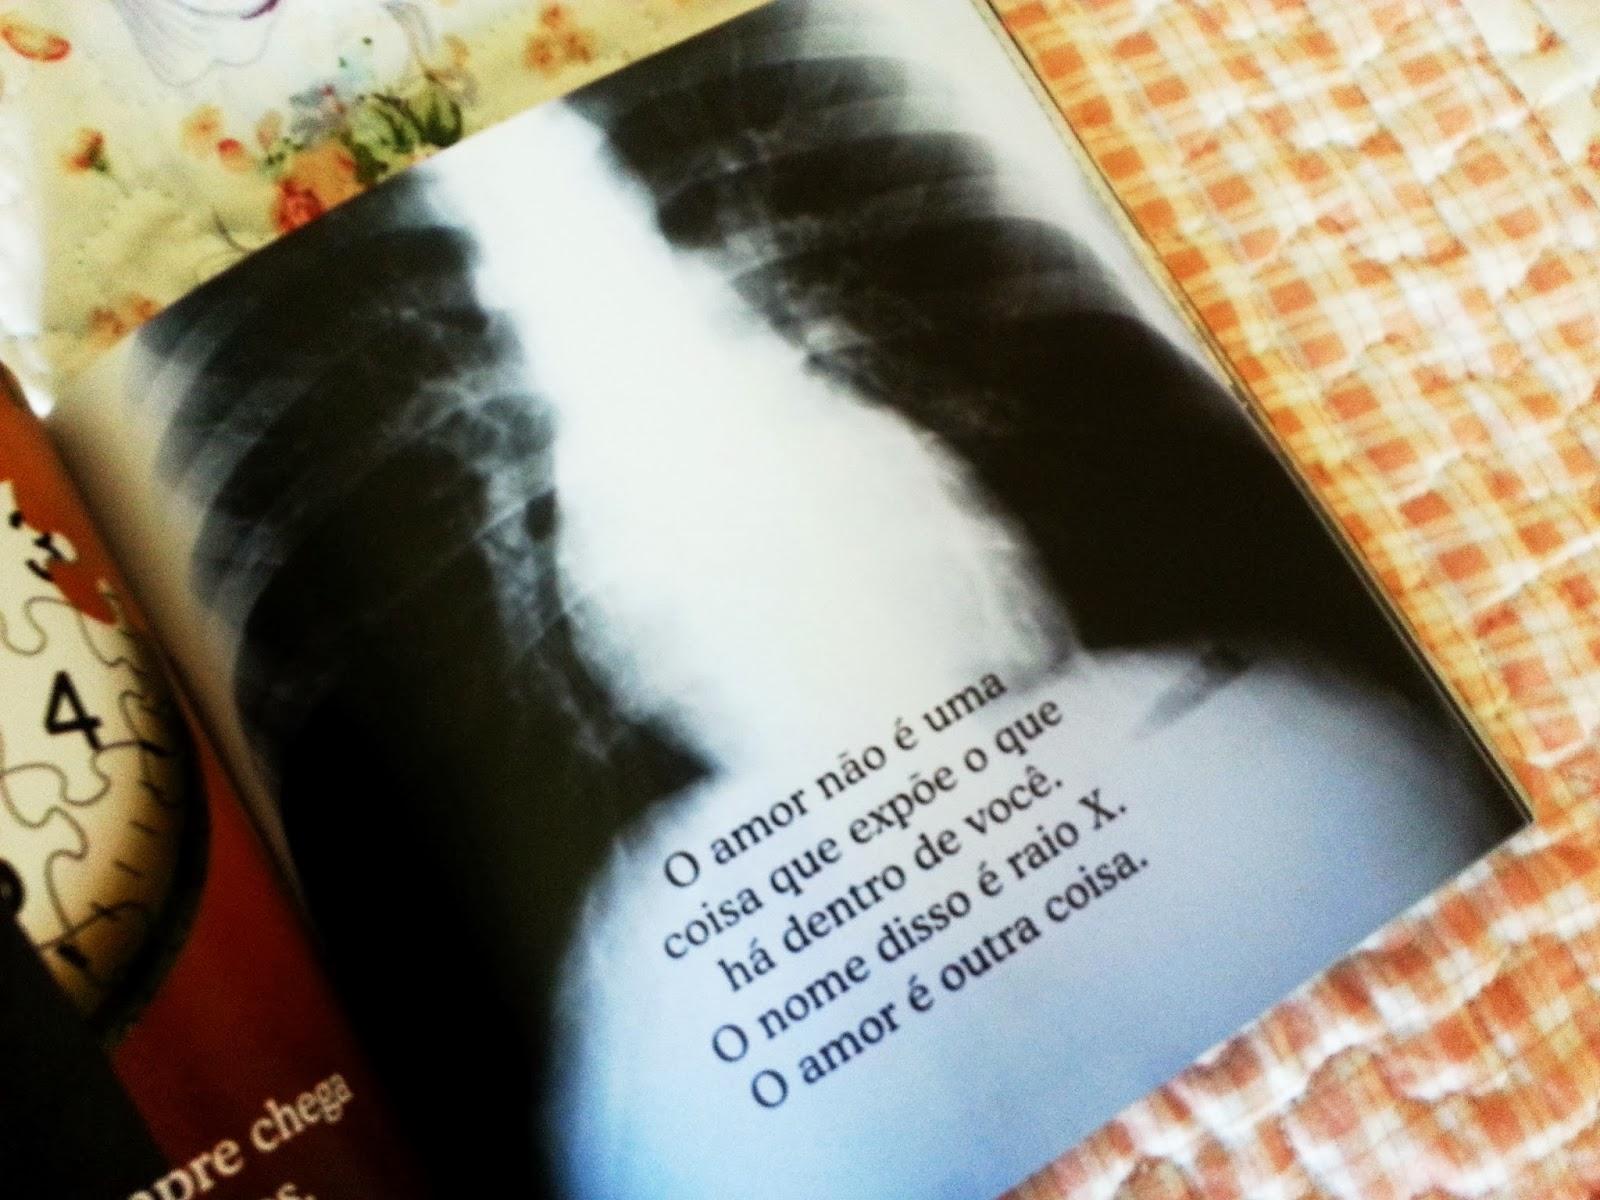 Universo Dos Leitores O Amor é Outra Coisa De Edson Aran